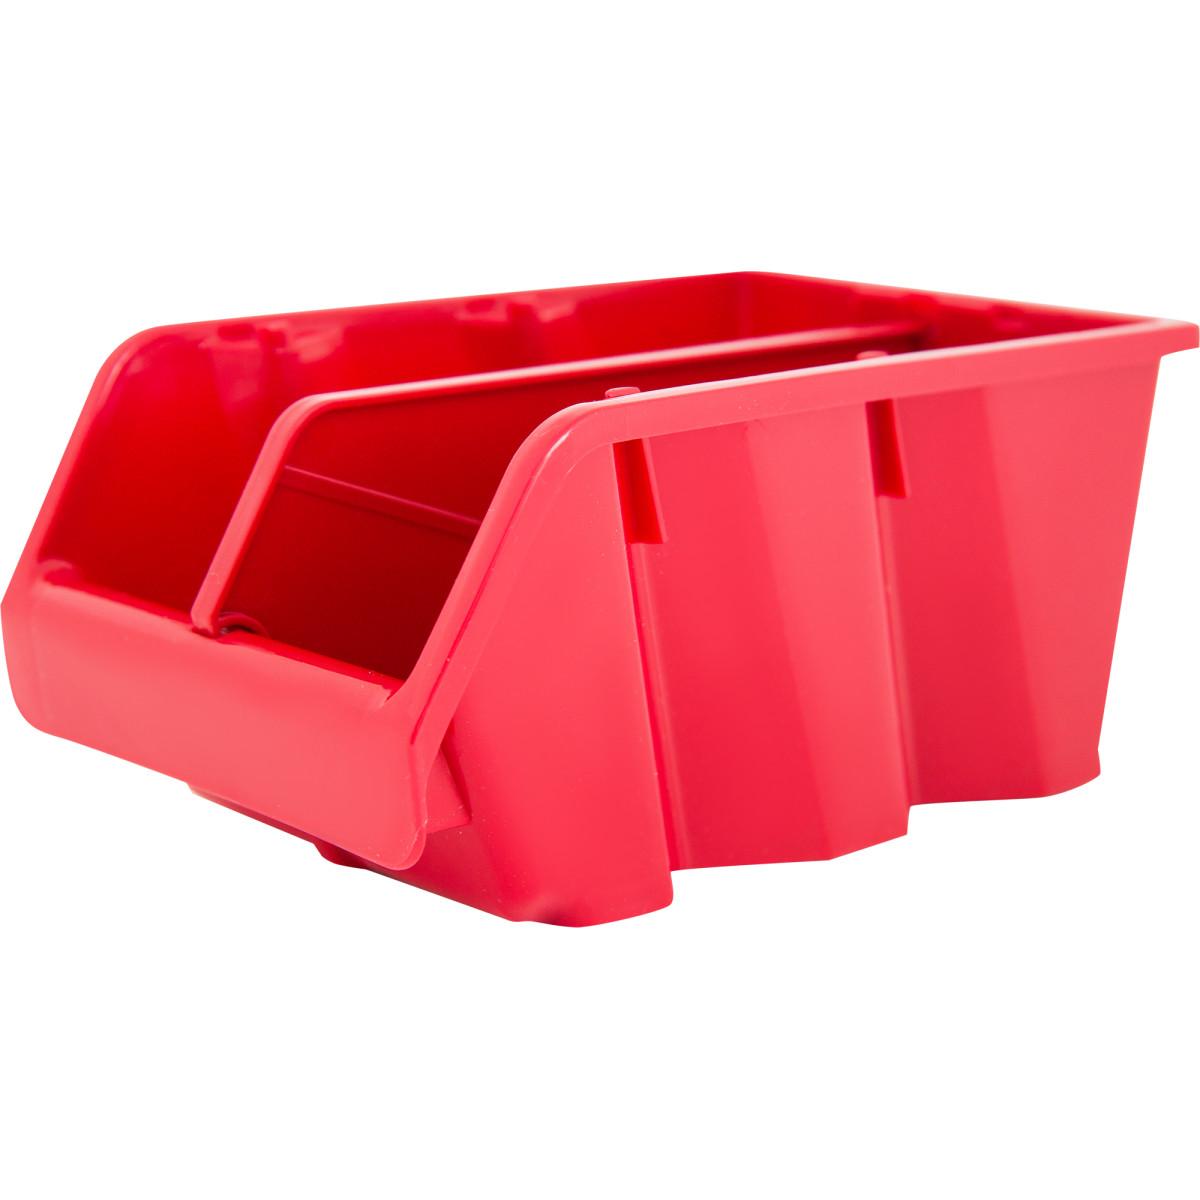 Лоток Volf 10.5х16.4х7.8 см пластик цвет красный